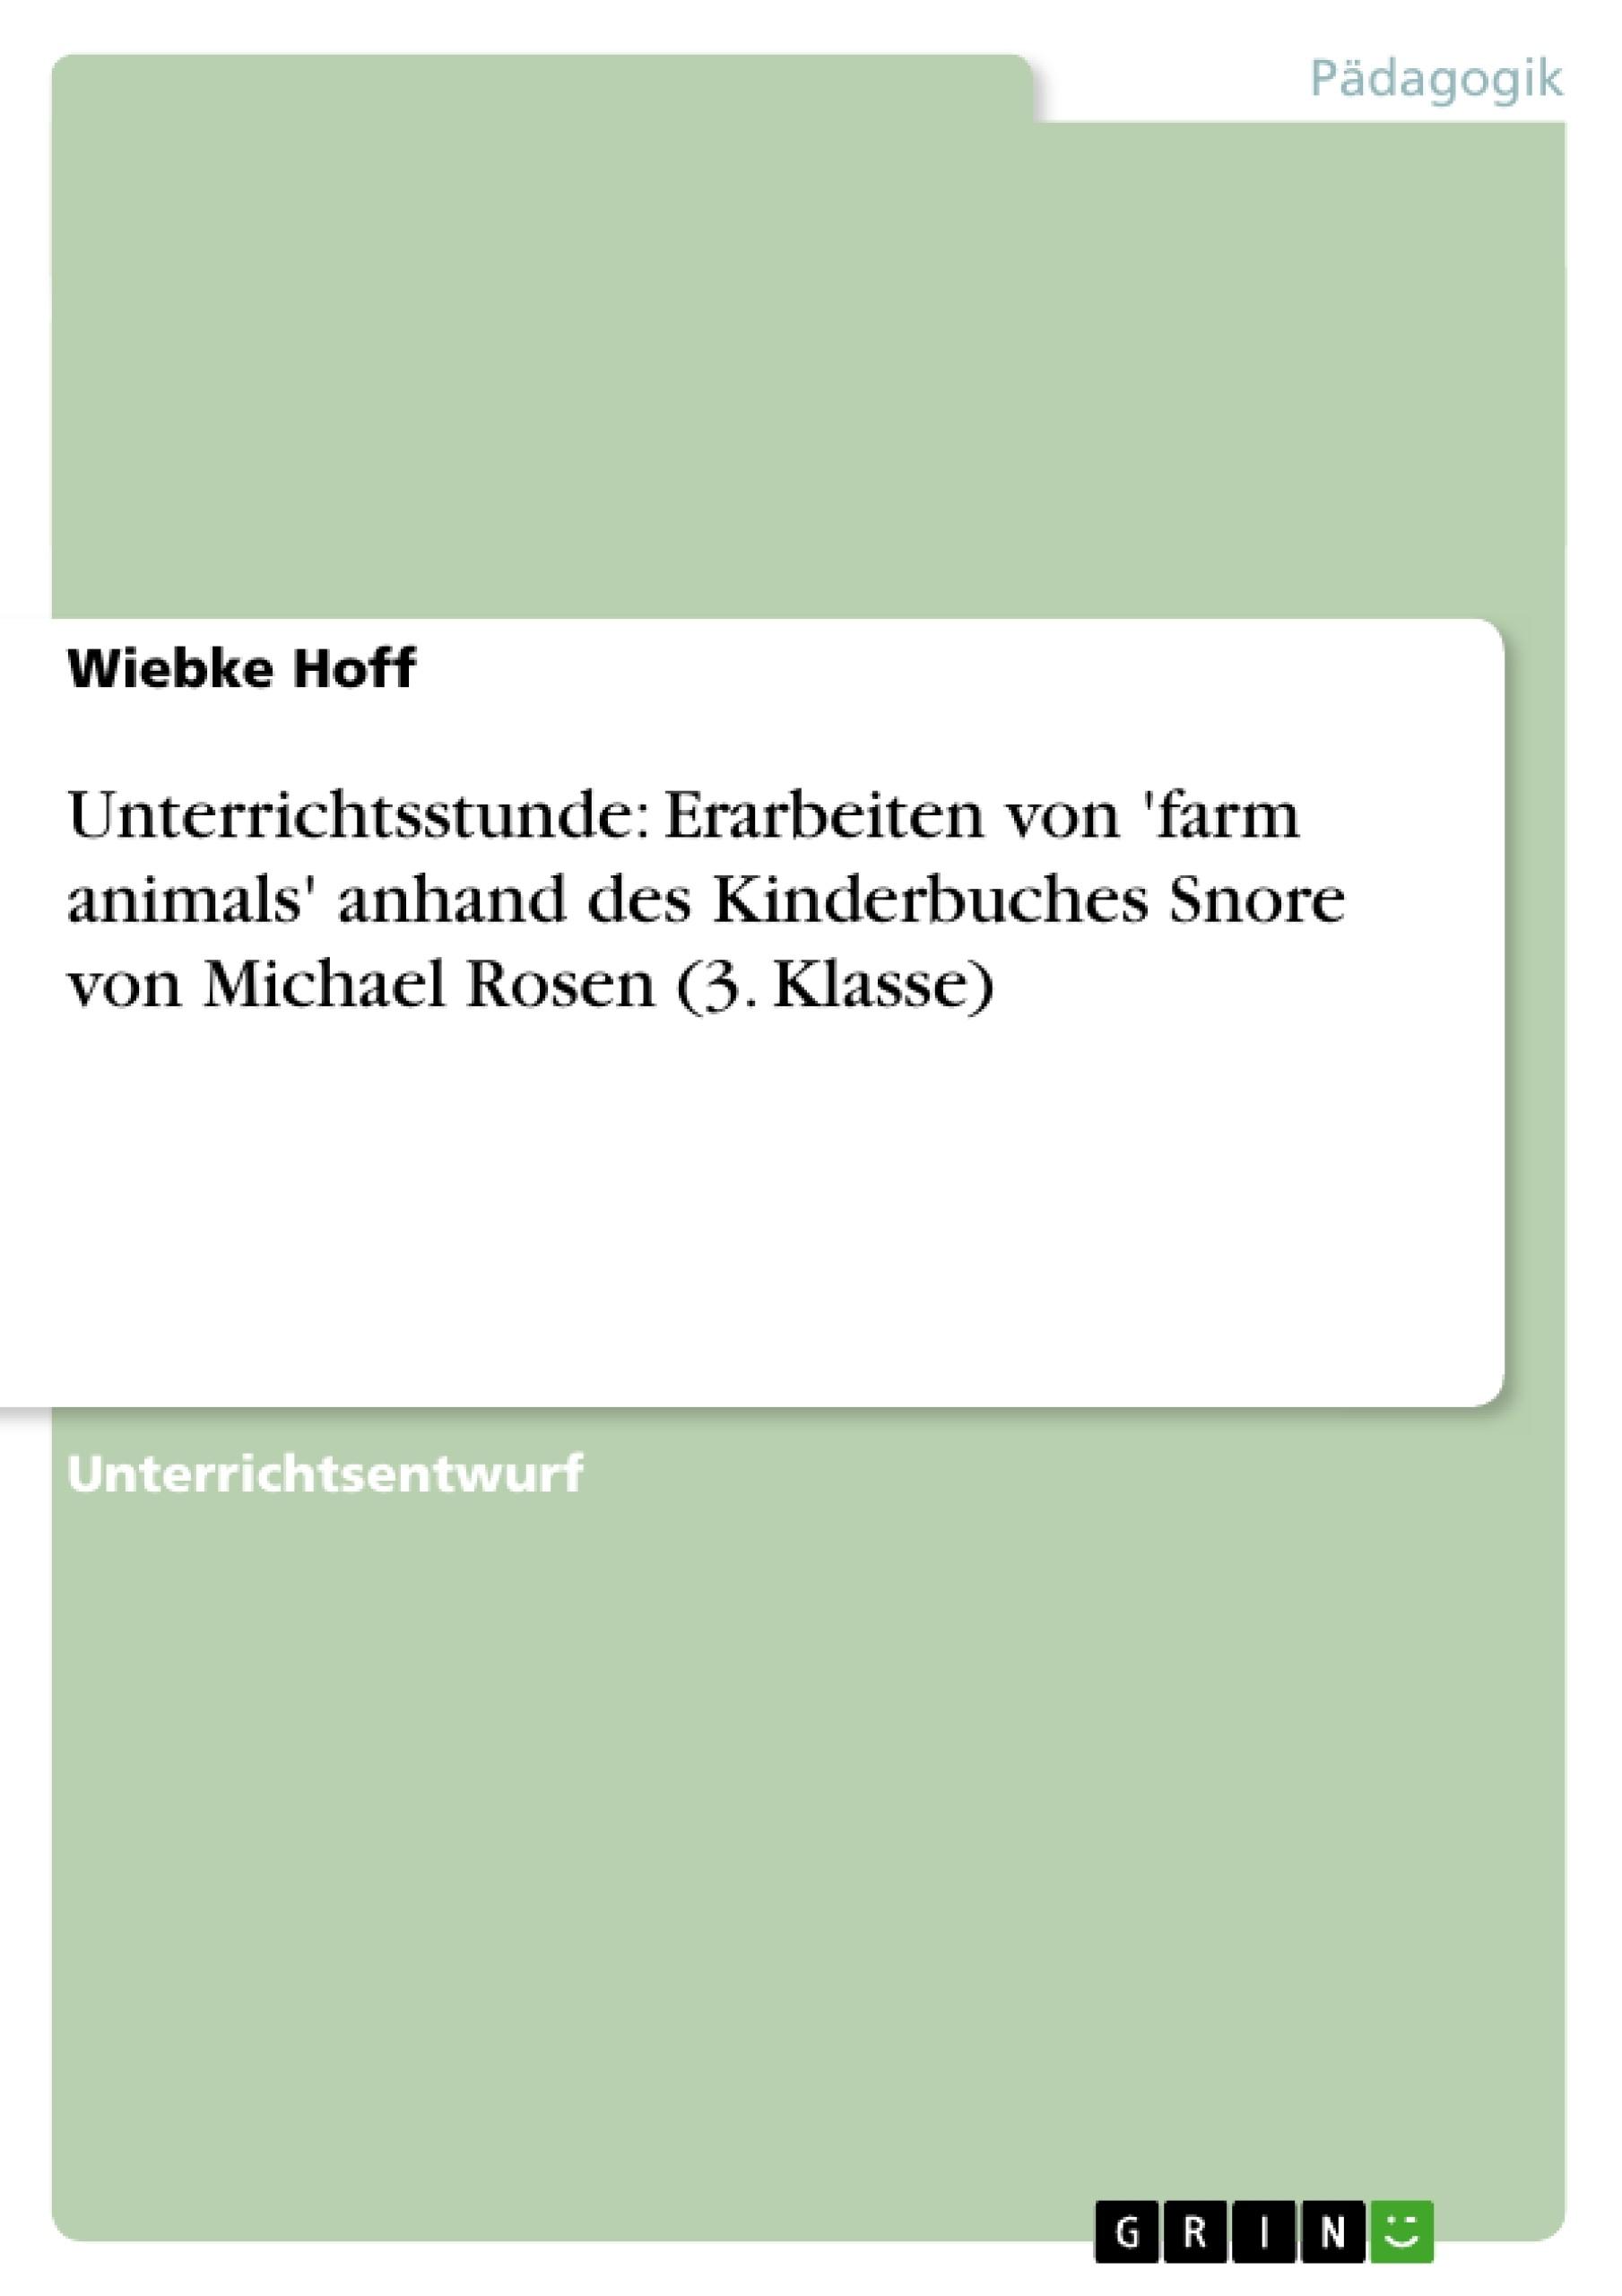 Titel: Unterrichtsstunde: Erarbeiten von 'farm animals' anhand des Kinderbuches Snore von Michael Rosen (3. Klasse)